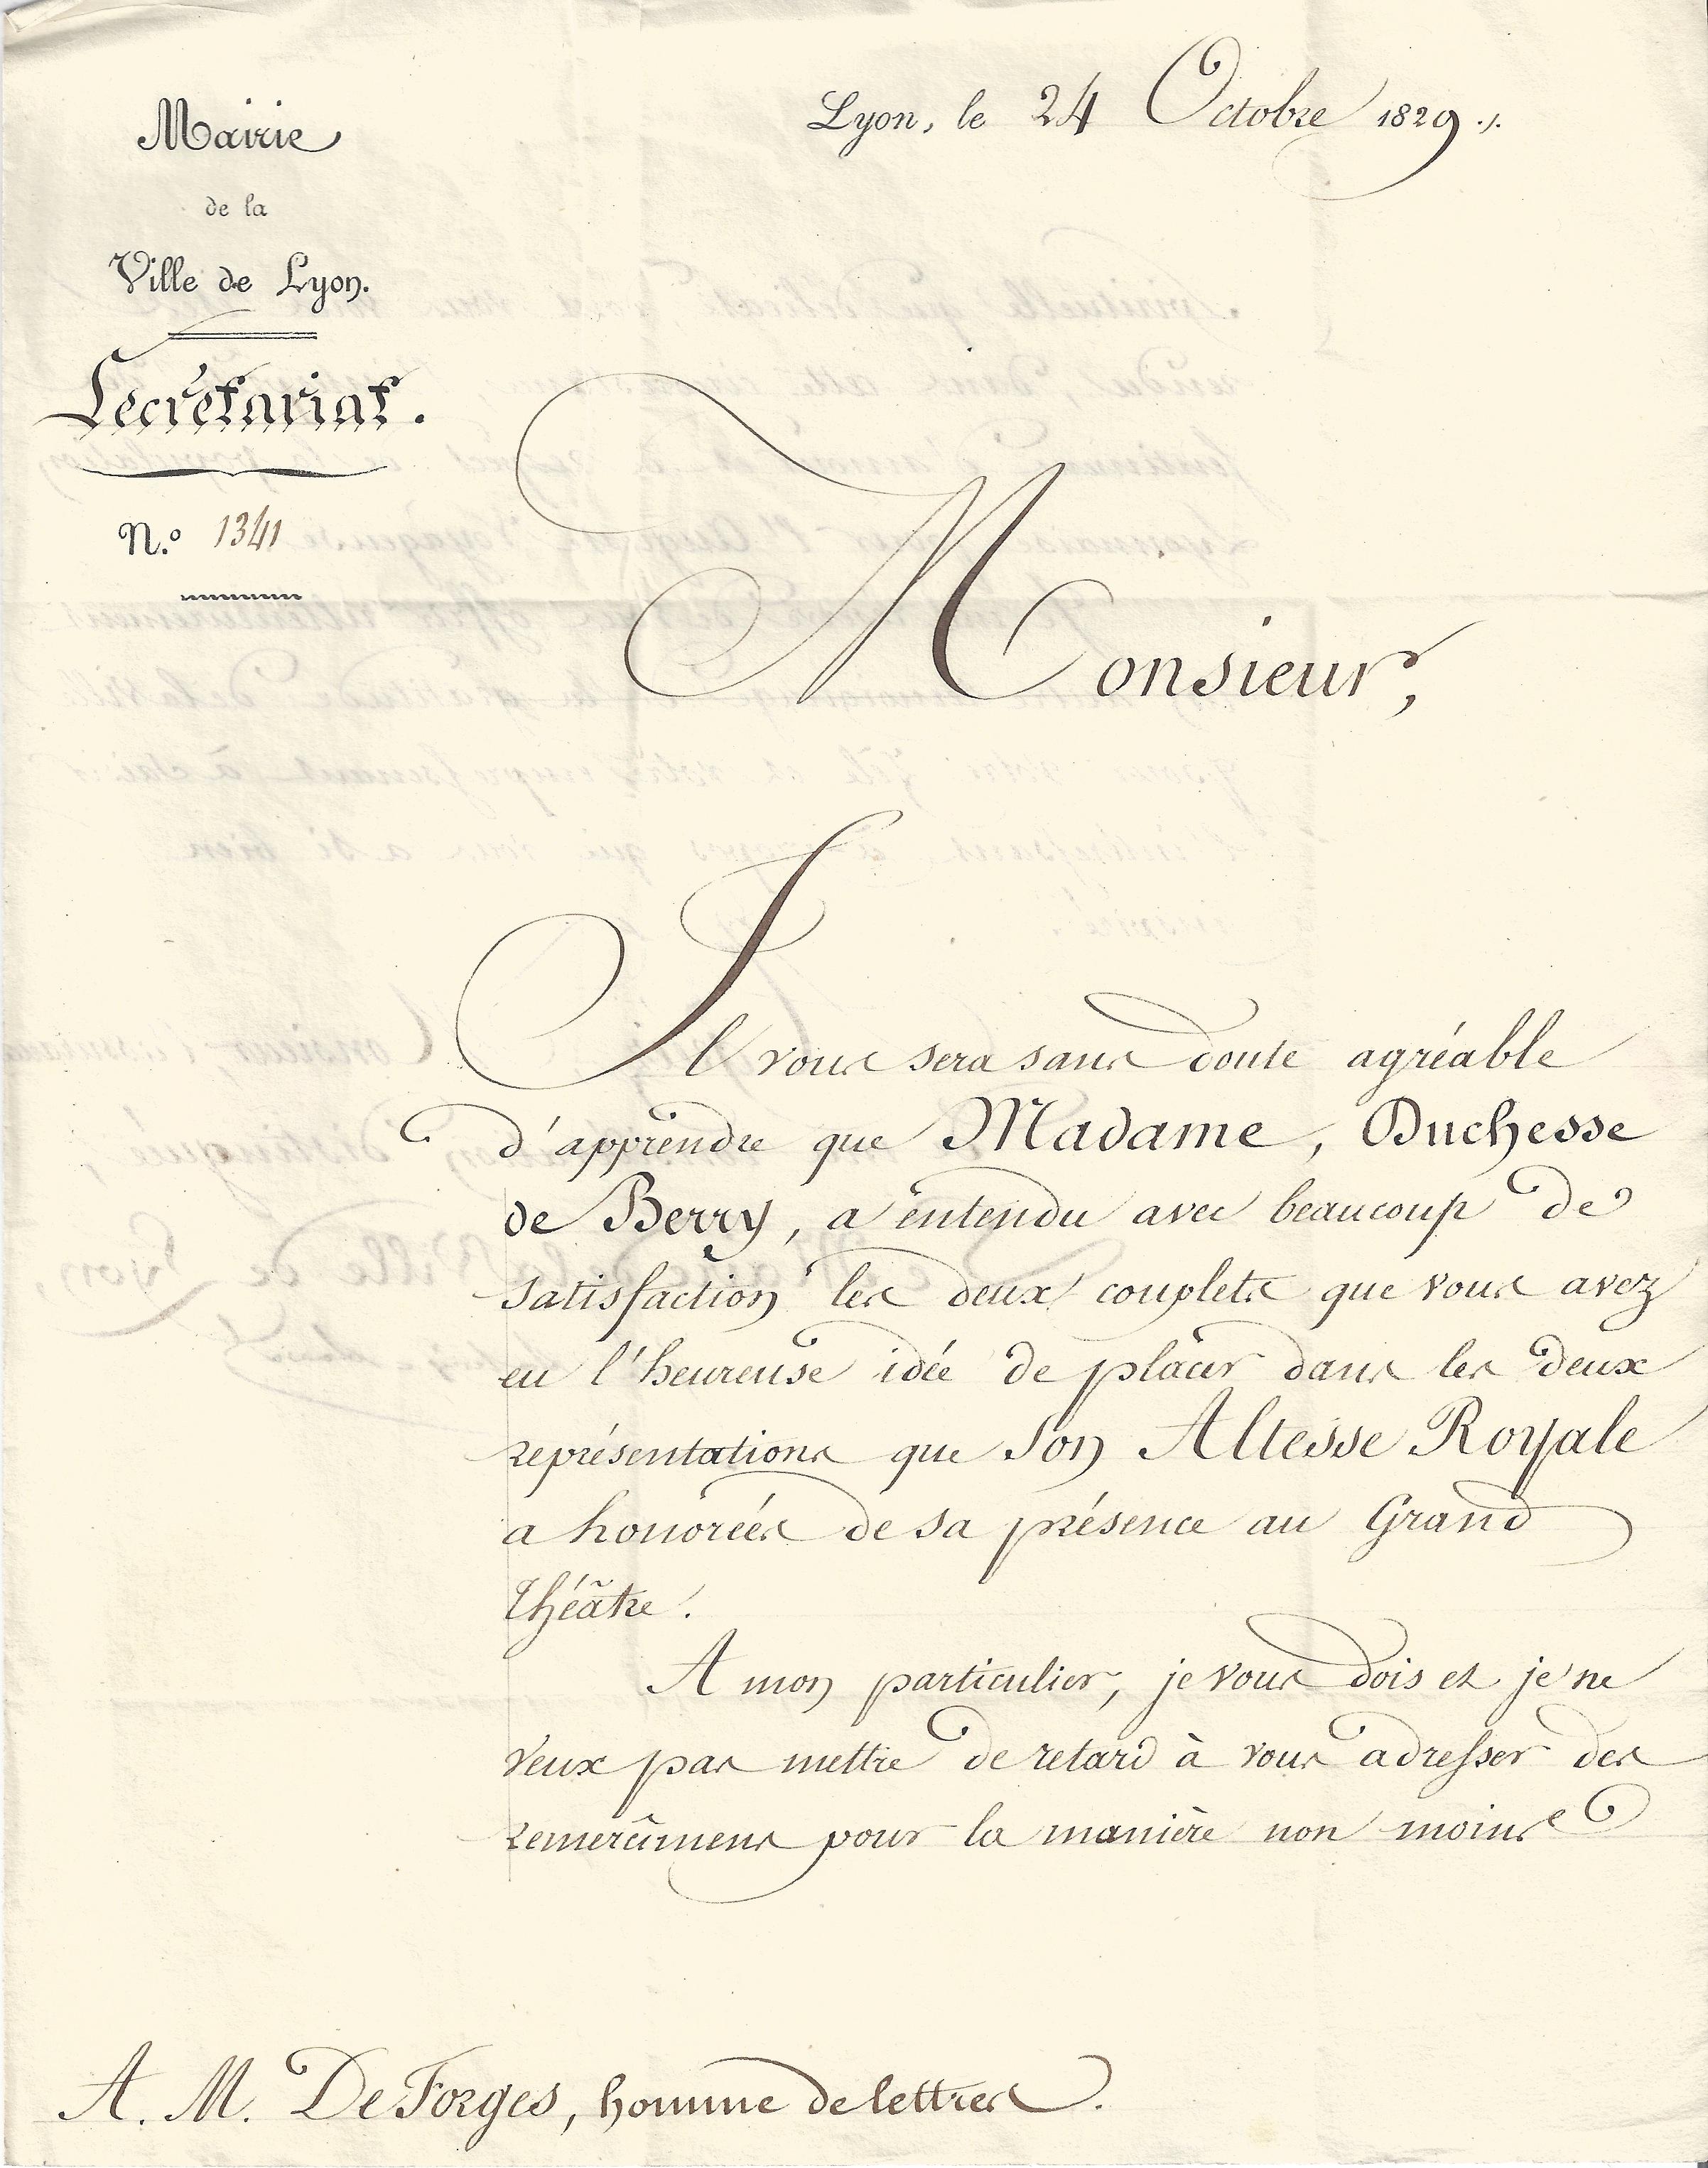 Filelettre Adressée à Monsieur De Forges Homme De Lettre 2